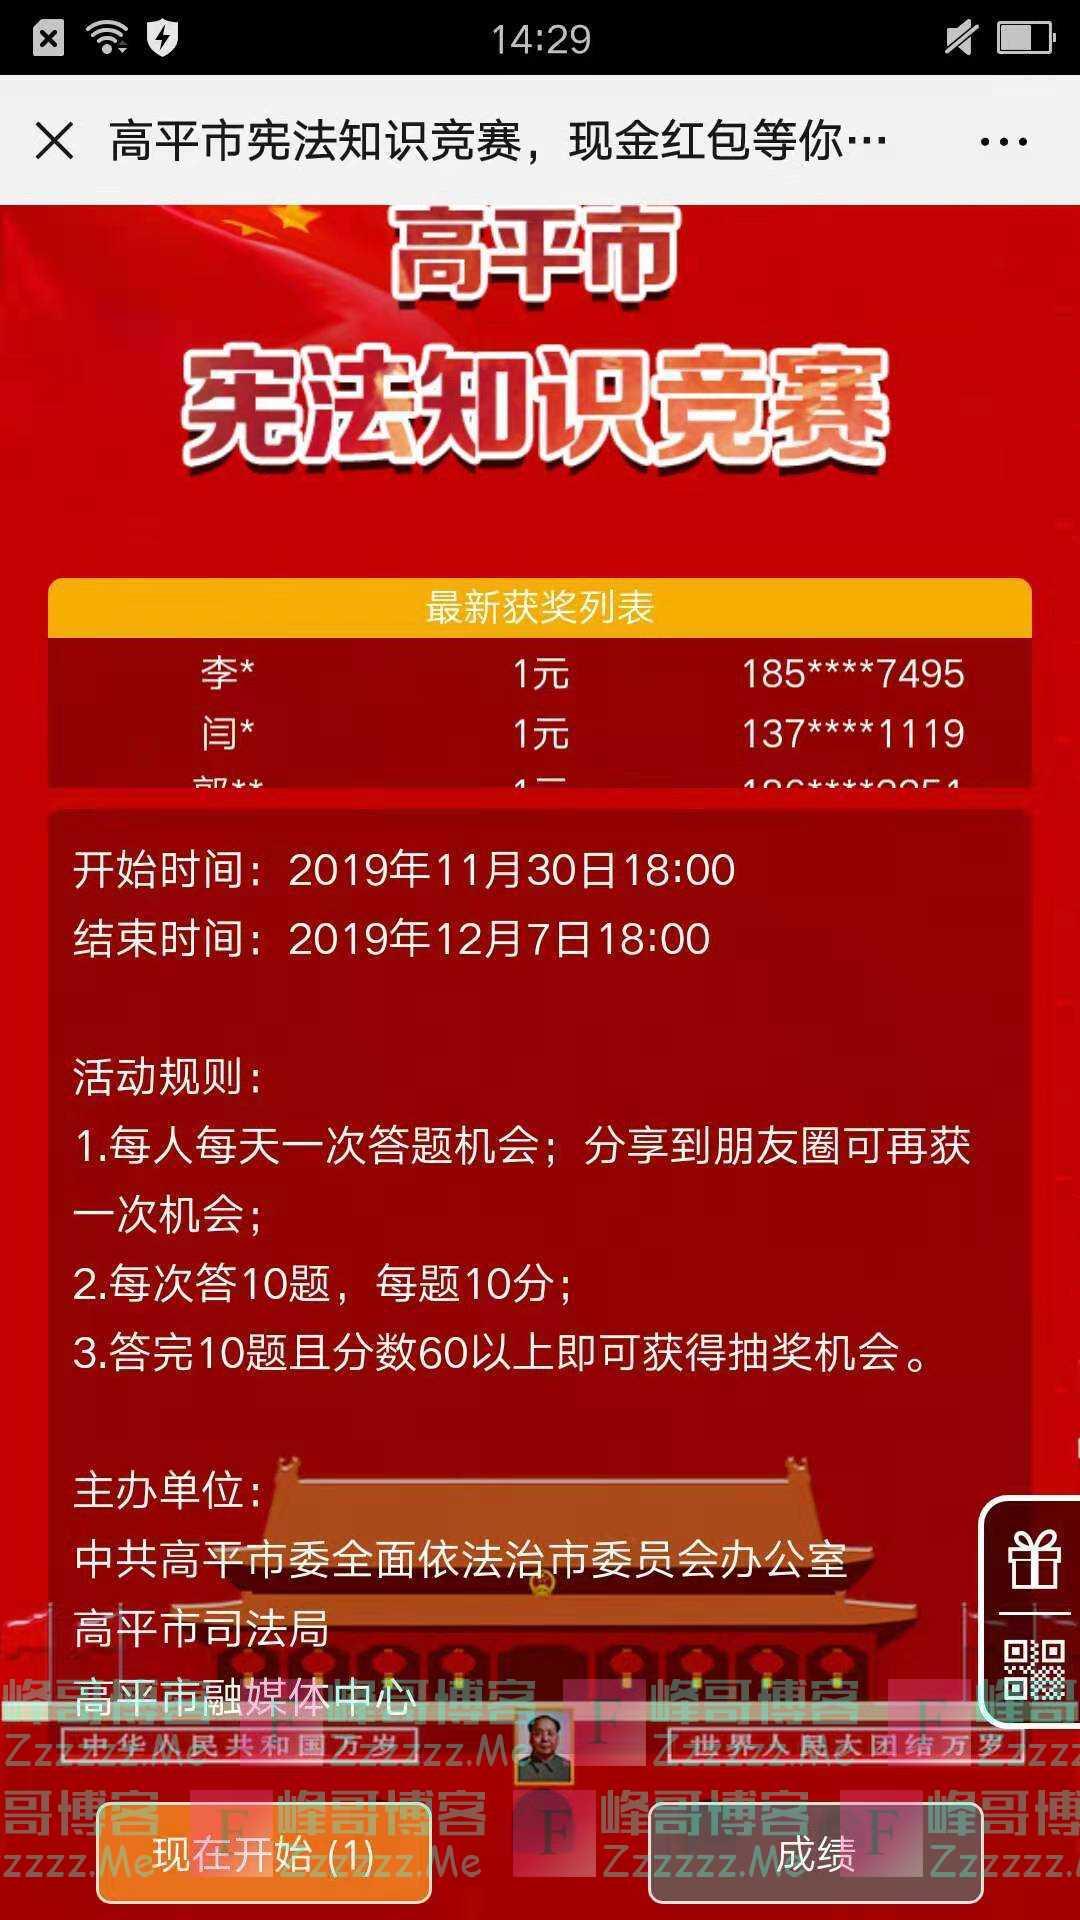 高平电视台高平市宪法知识竞赛(截止12月7日)